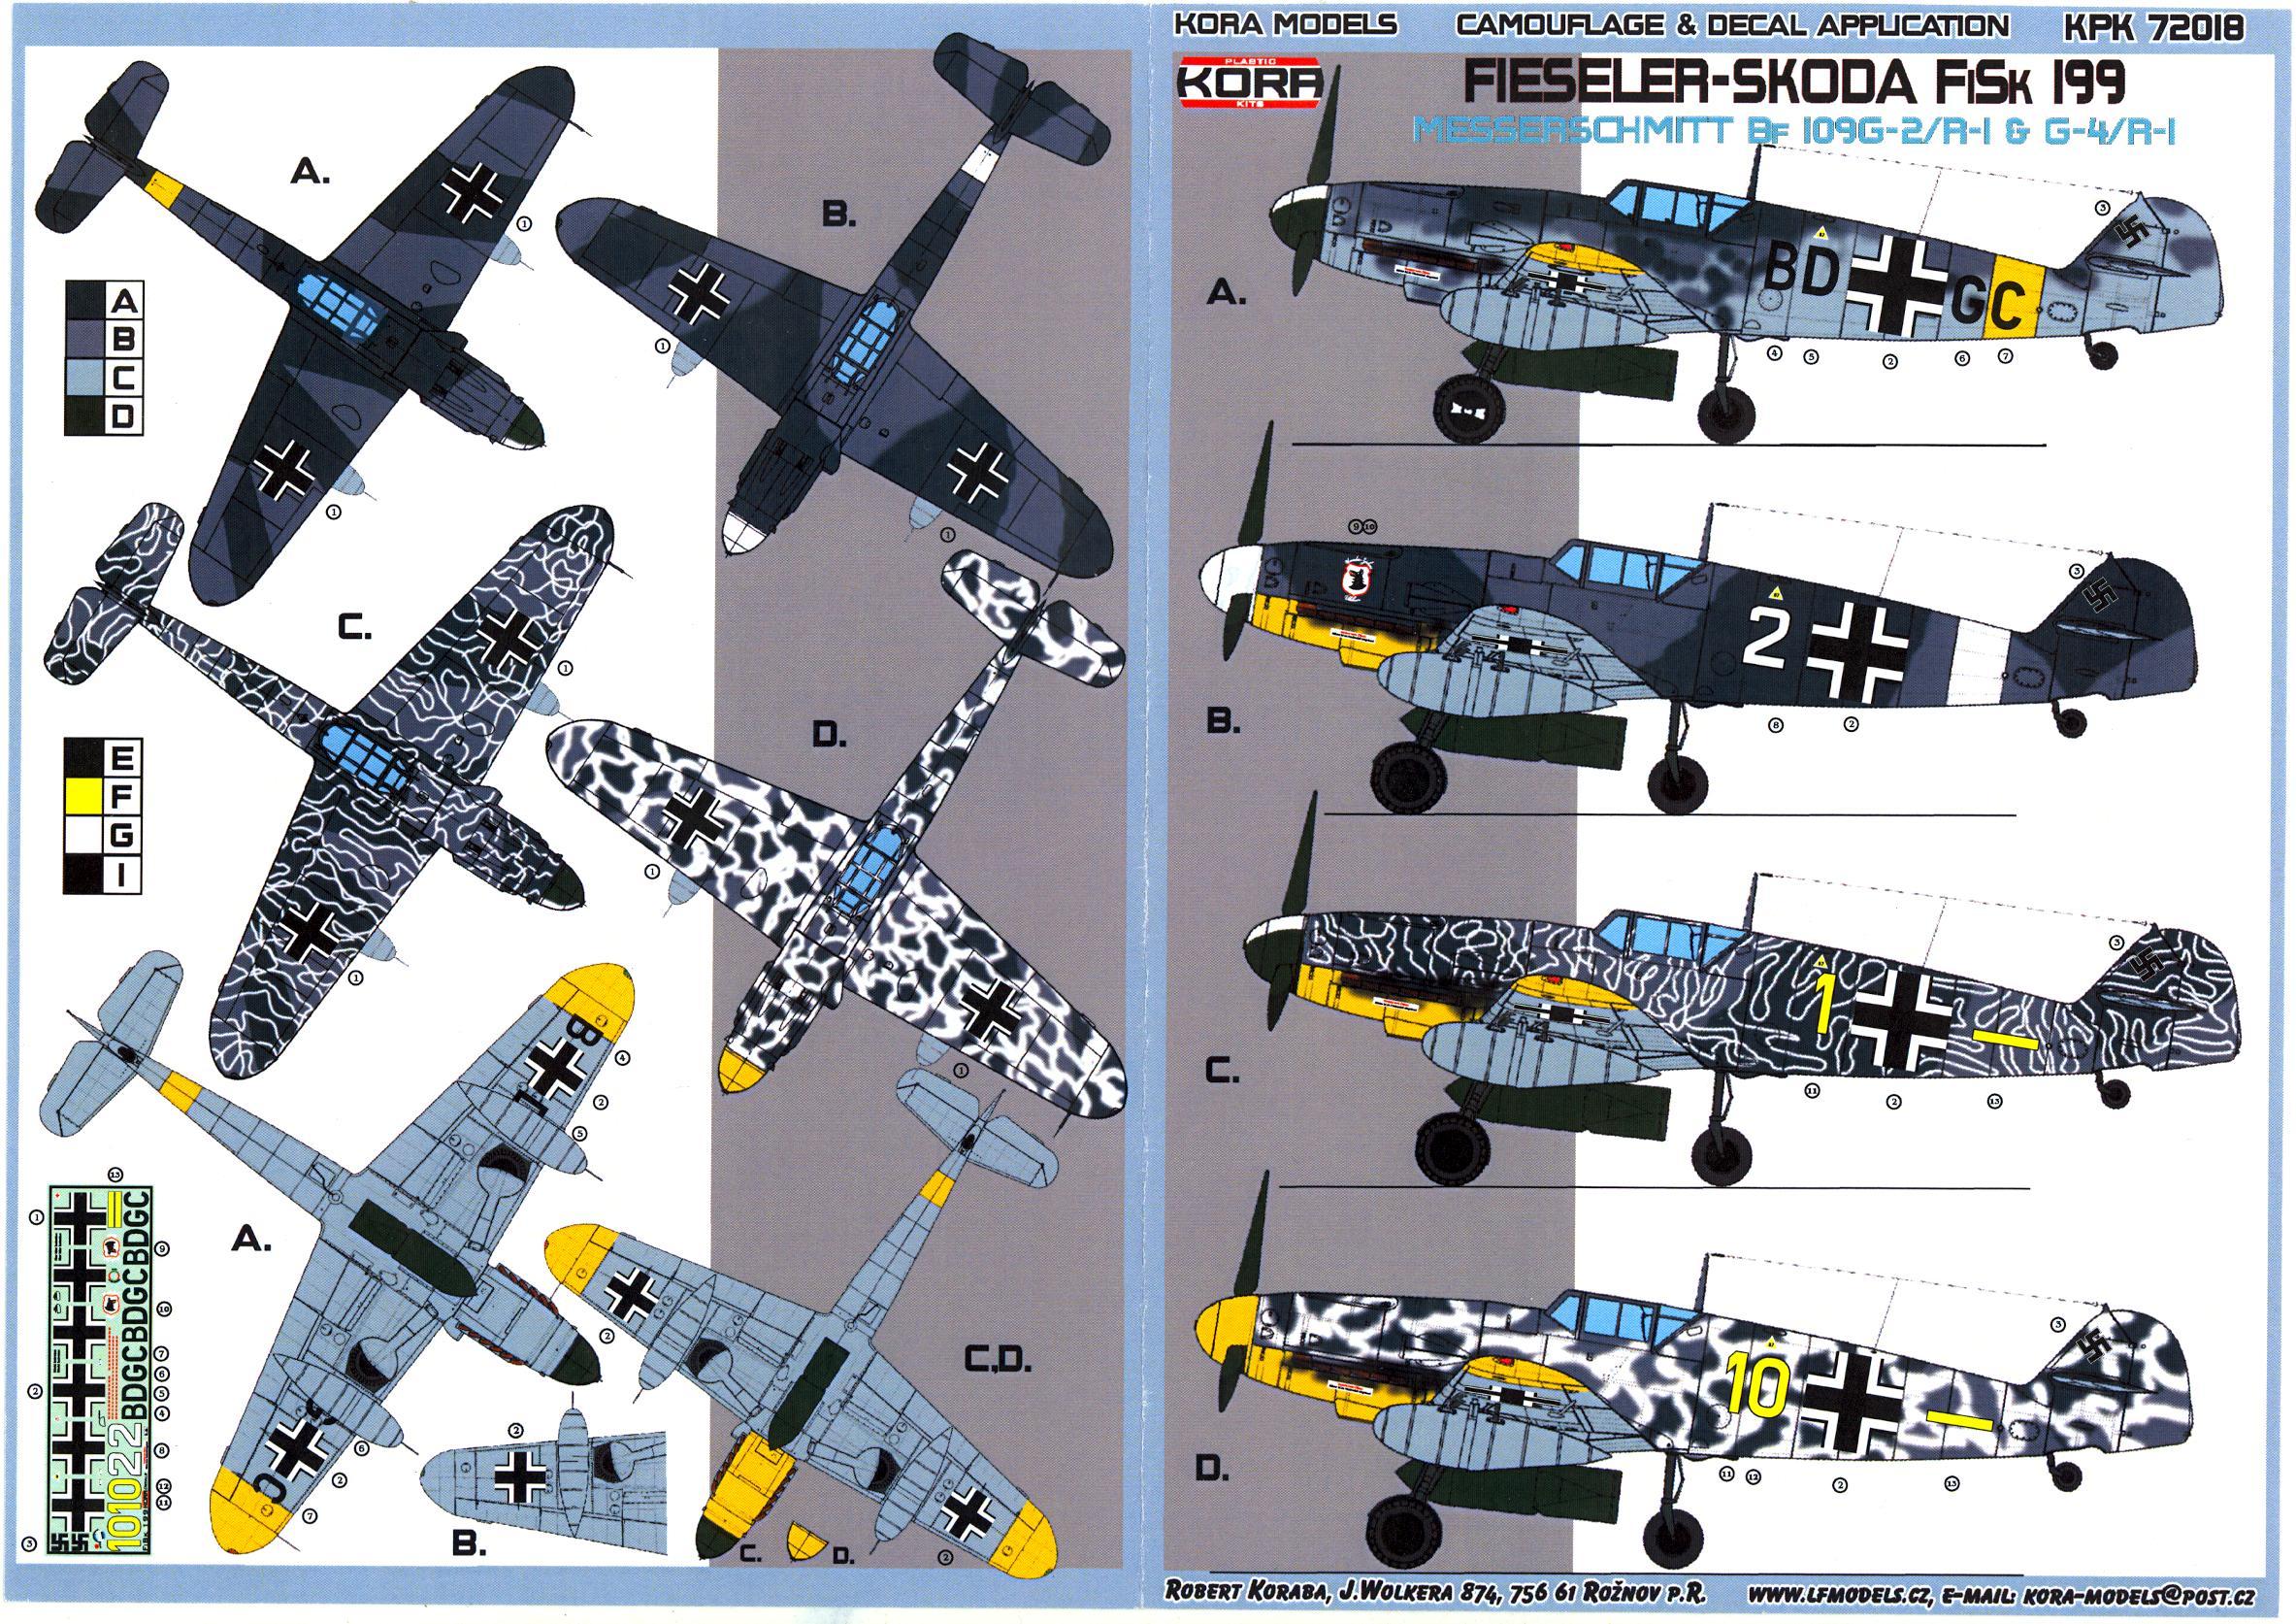 KORA Models 1/72 FIESELER SKODA FiSk 199 Bf-109G-2 JABO-REI IN ACTION   eBay